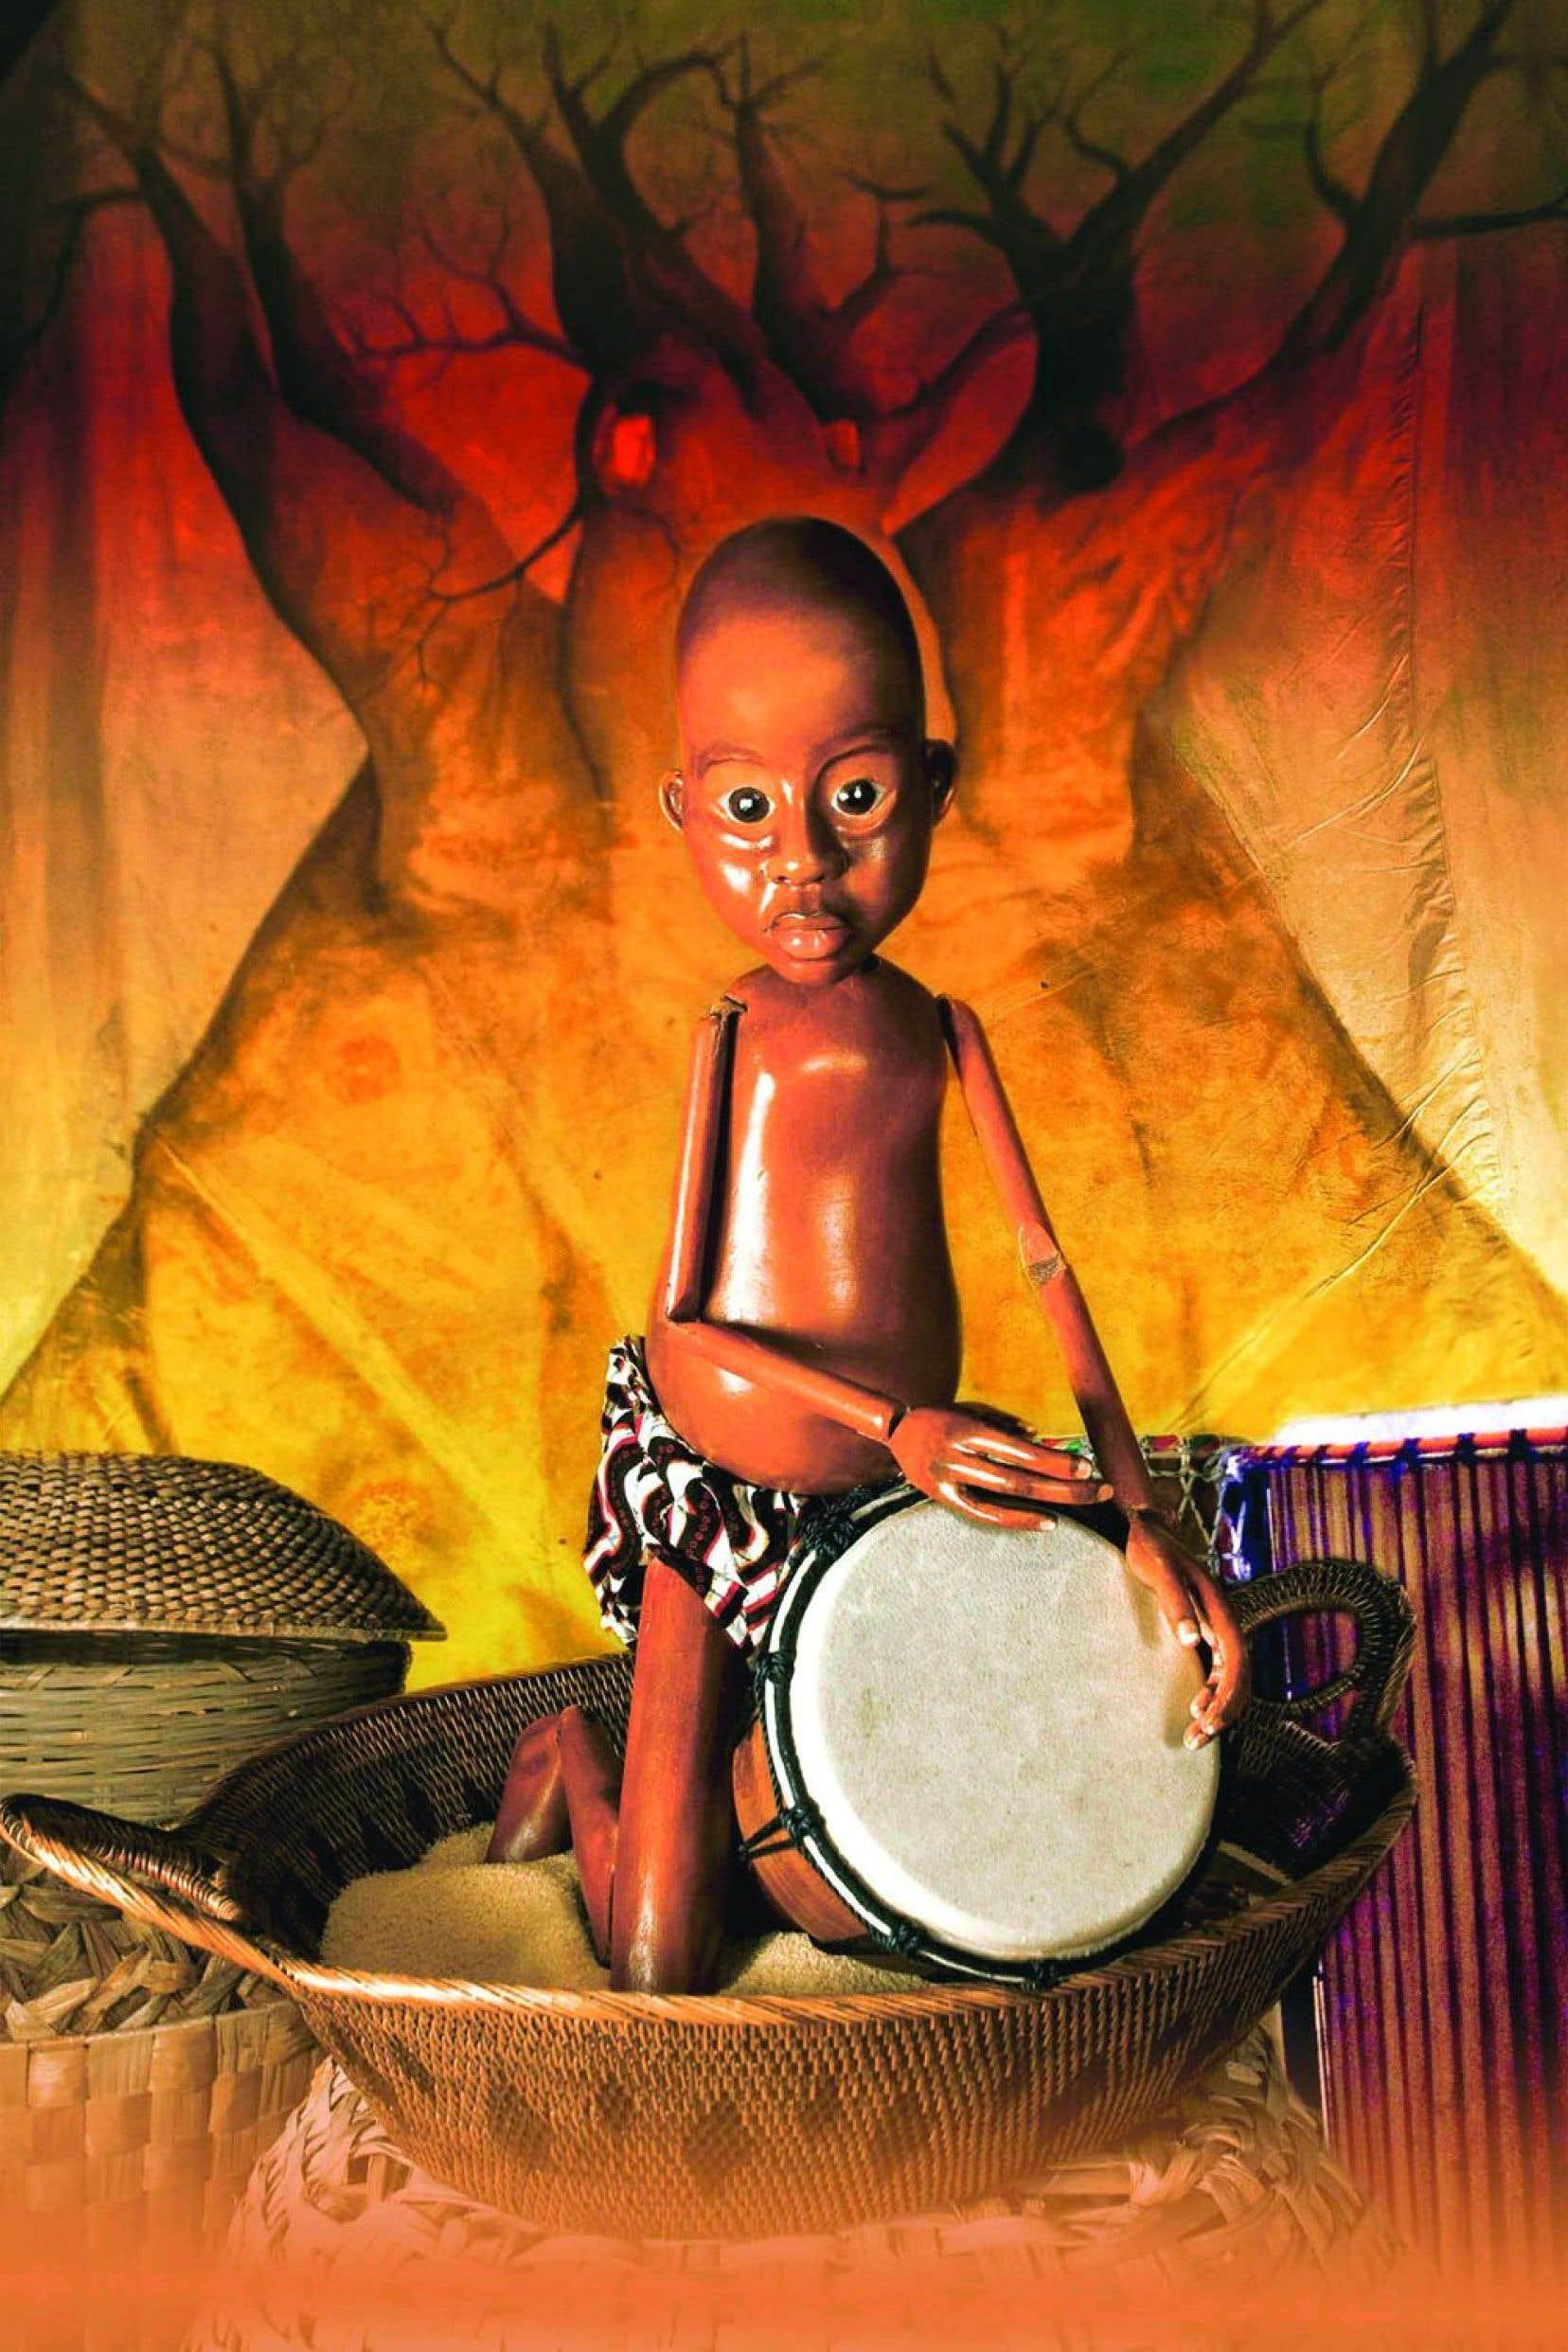 La pièce Baobab aura lieu du 29 novembre au 4 janvier 2015, à la salle Chez elle de la Maison-Théâtre.